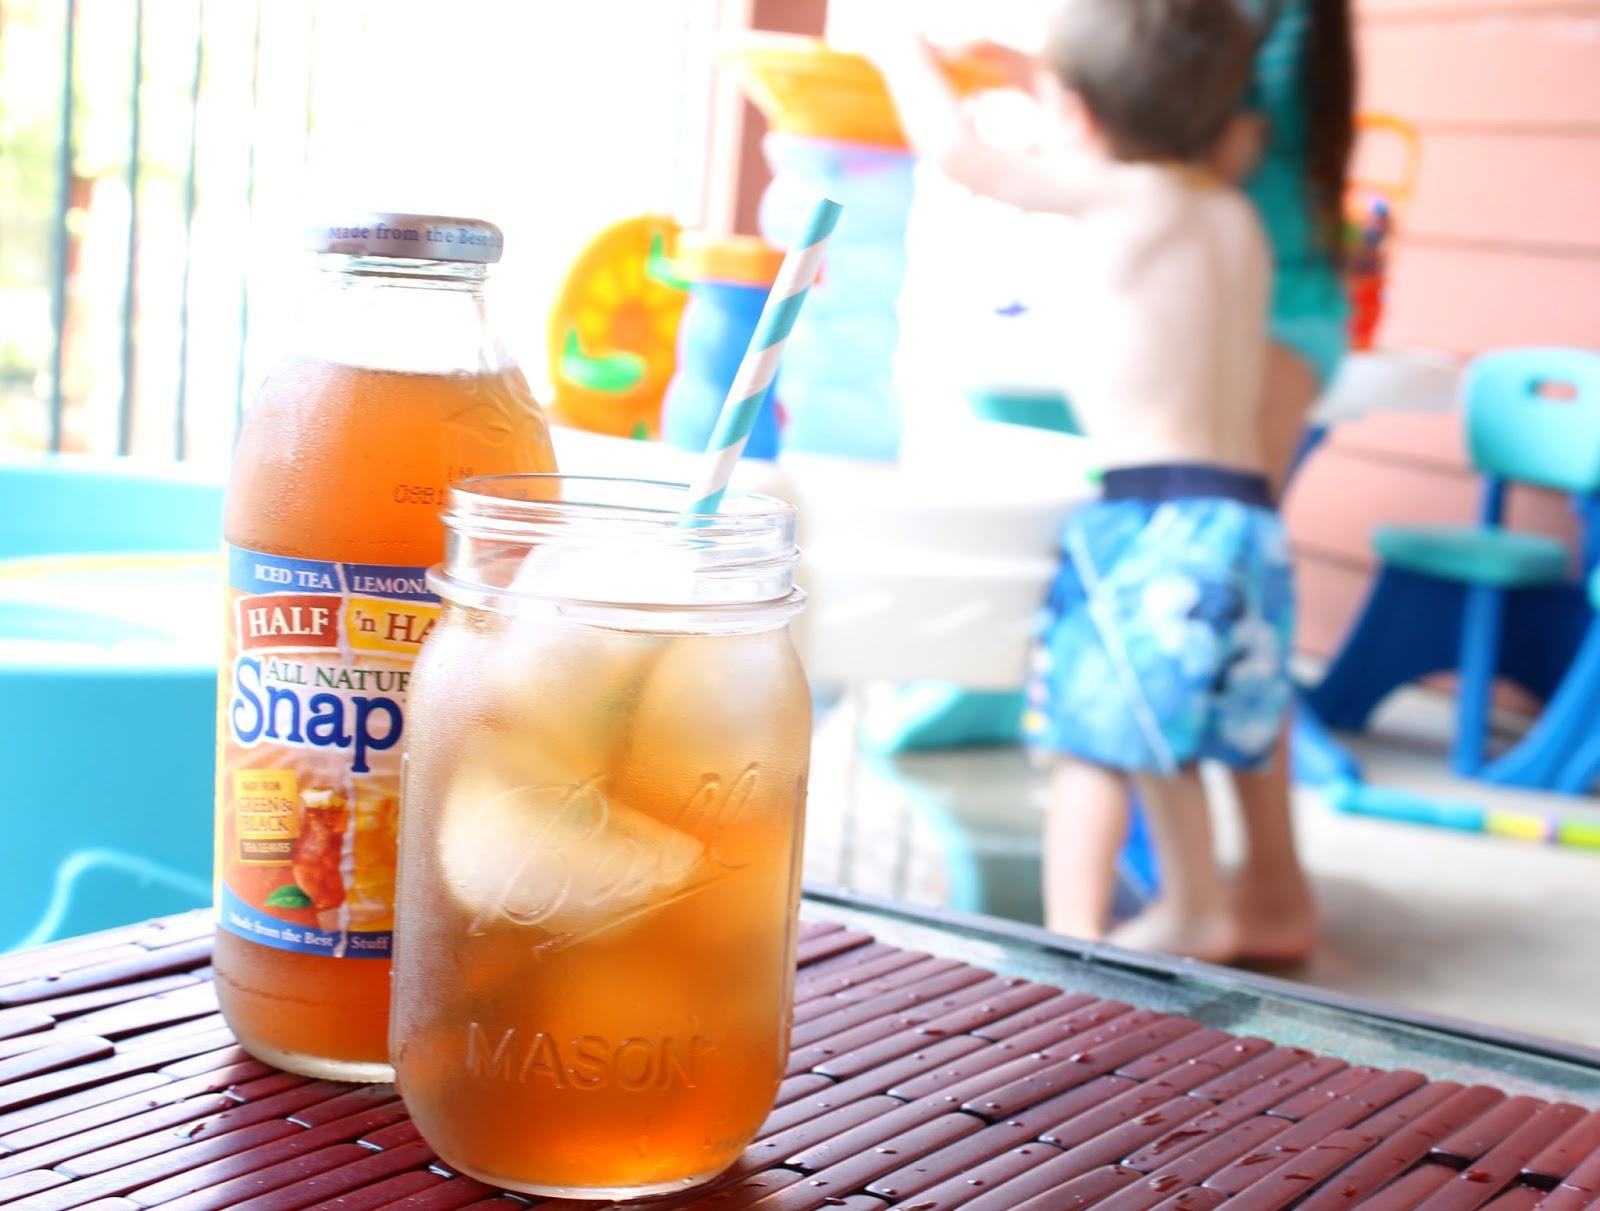 Snapple Ice Tea Lemonade Awesomeness Hot Mama In The City